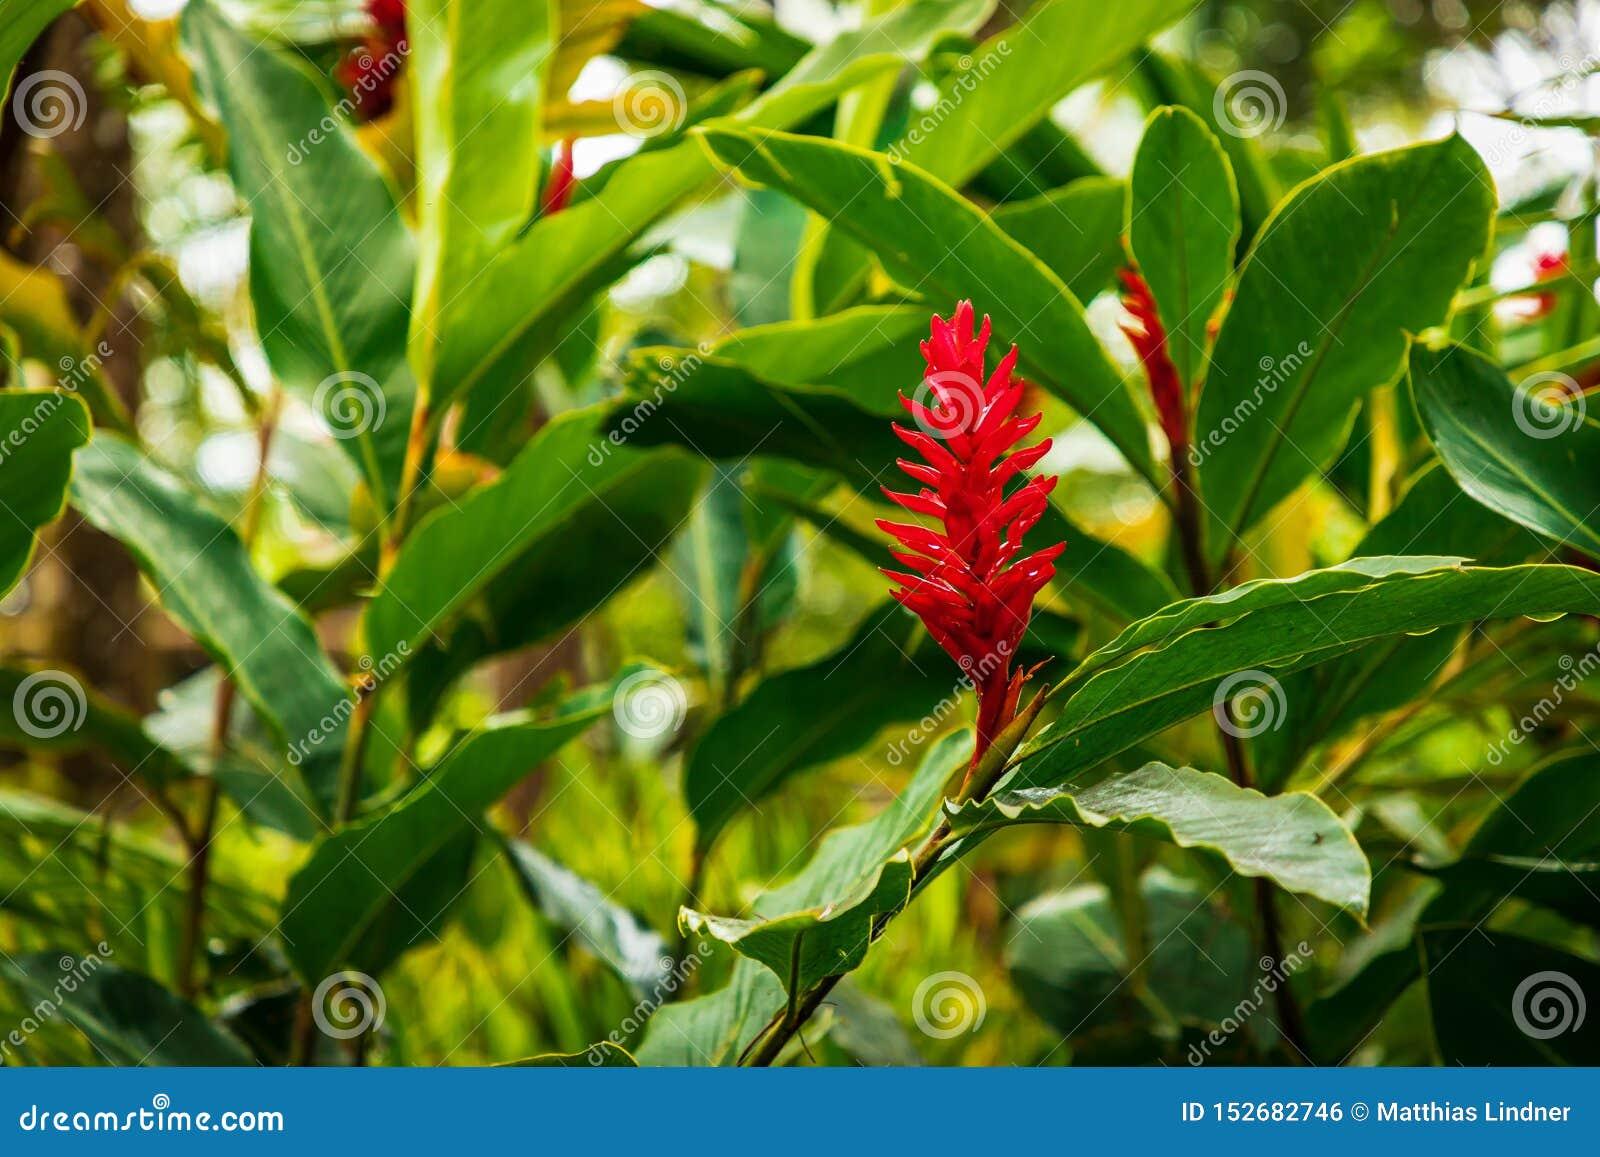 Fleur rouge, Zingiber, République Dominicaine tropicale, des Caraïbes,